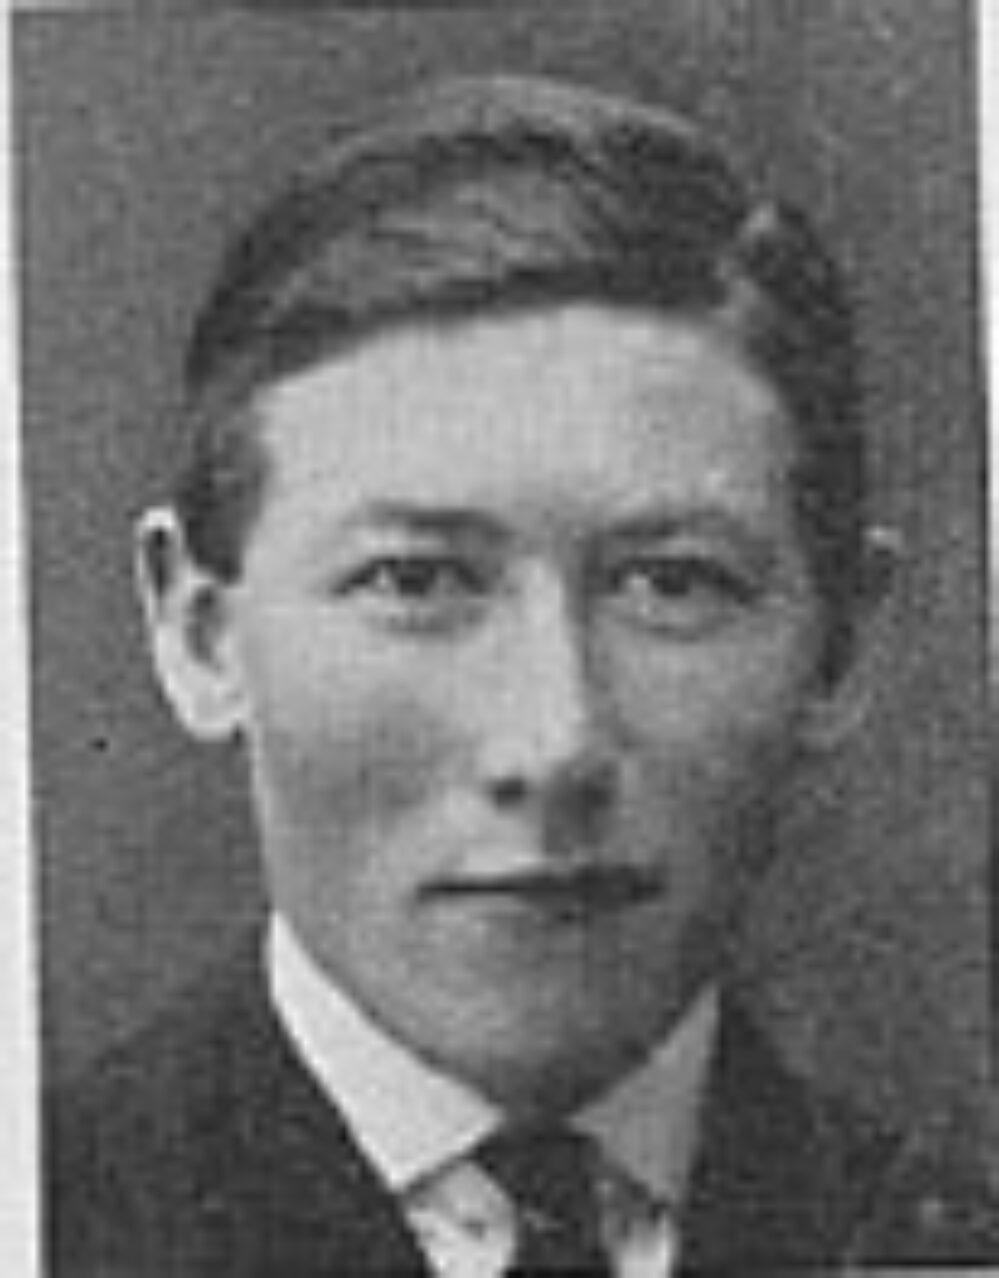 Martin Berg Nygård Johansen